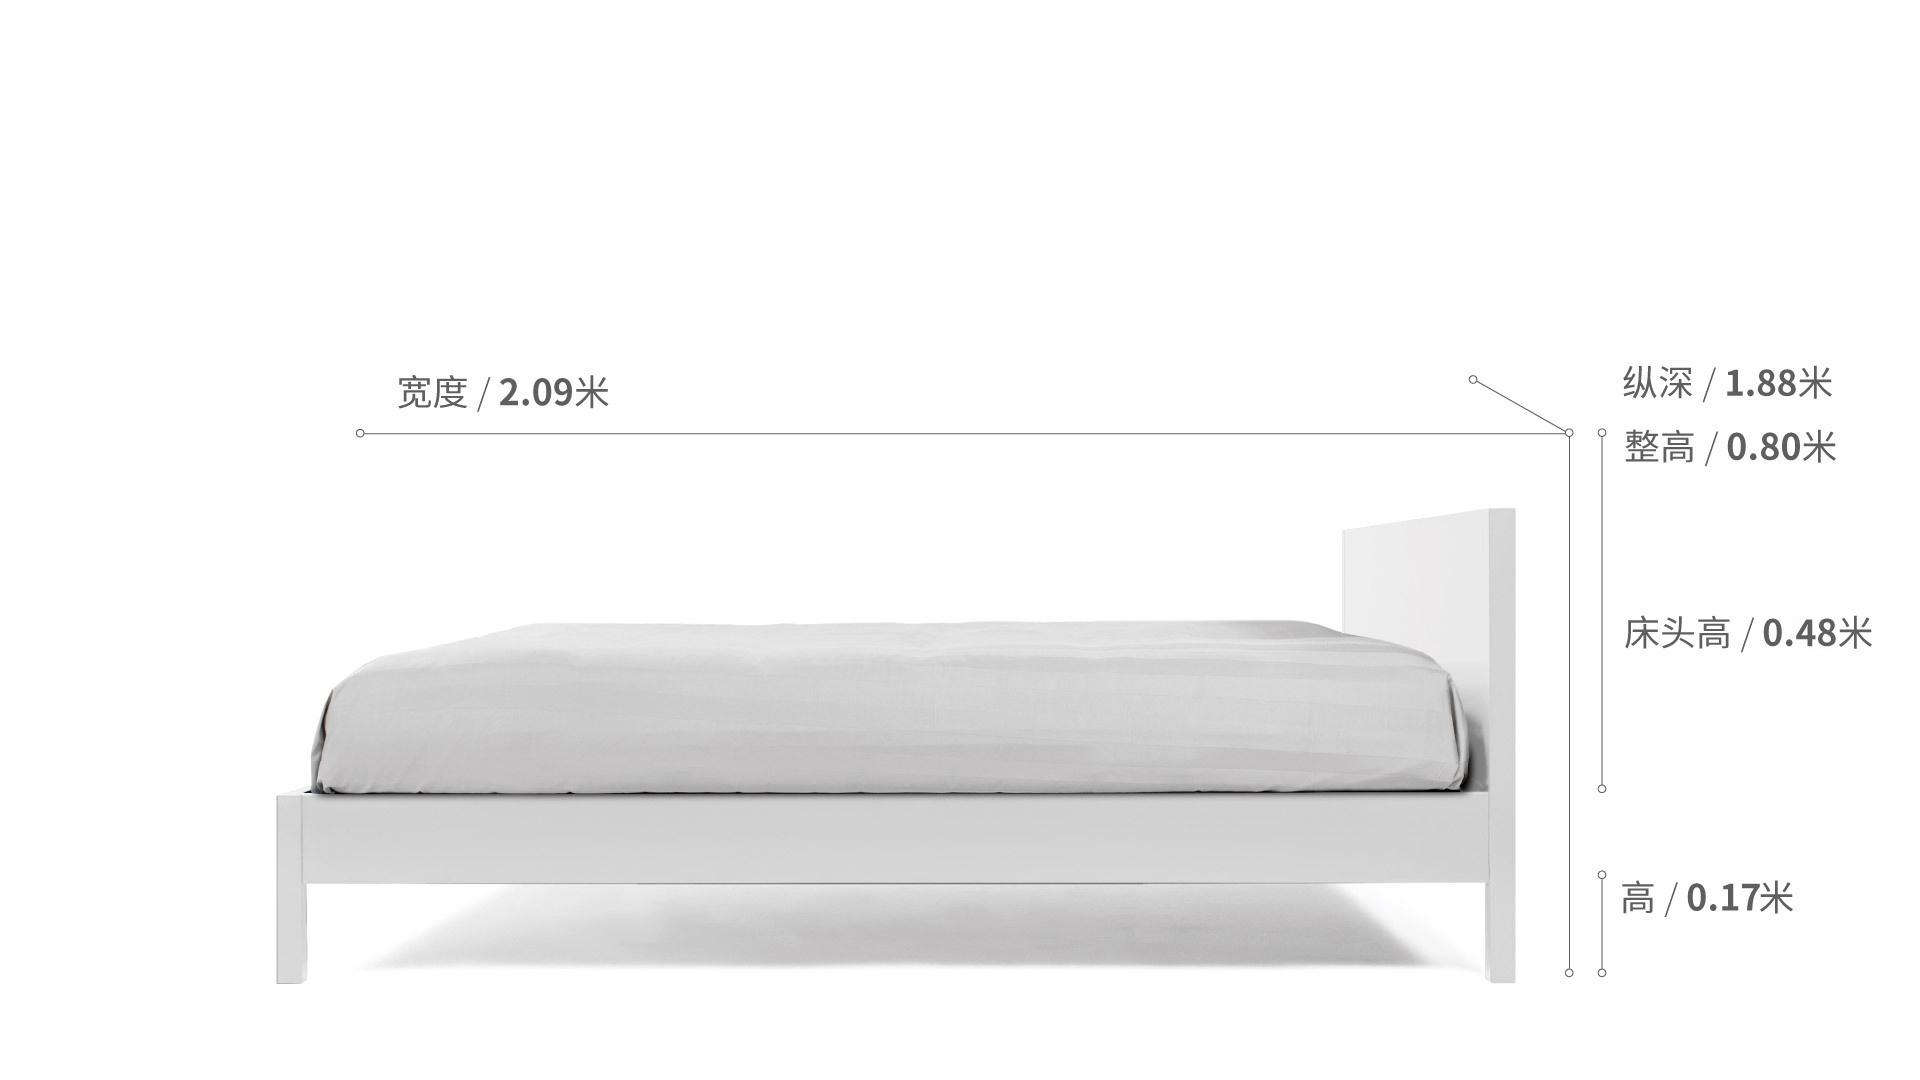 作业本-双人床1.8米款全屋空间搭配清单效果图